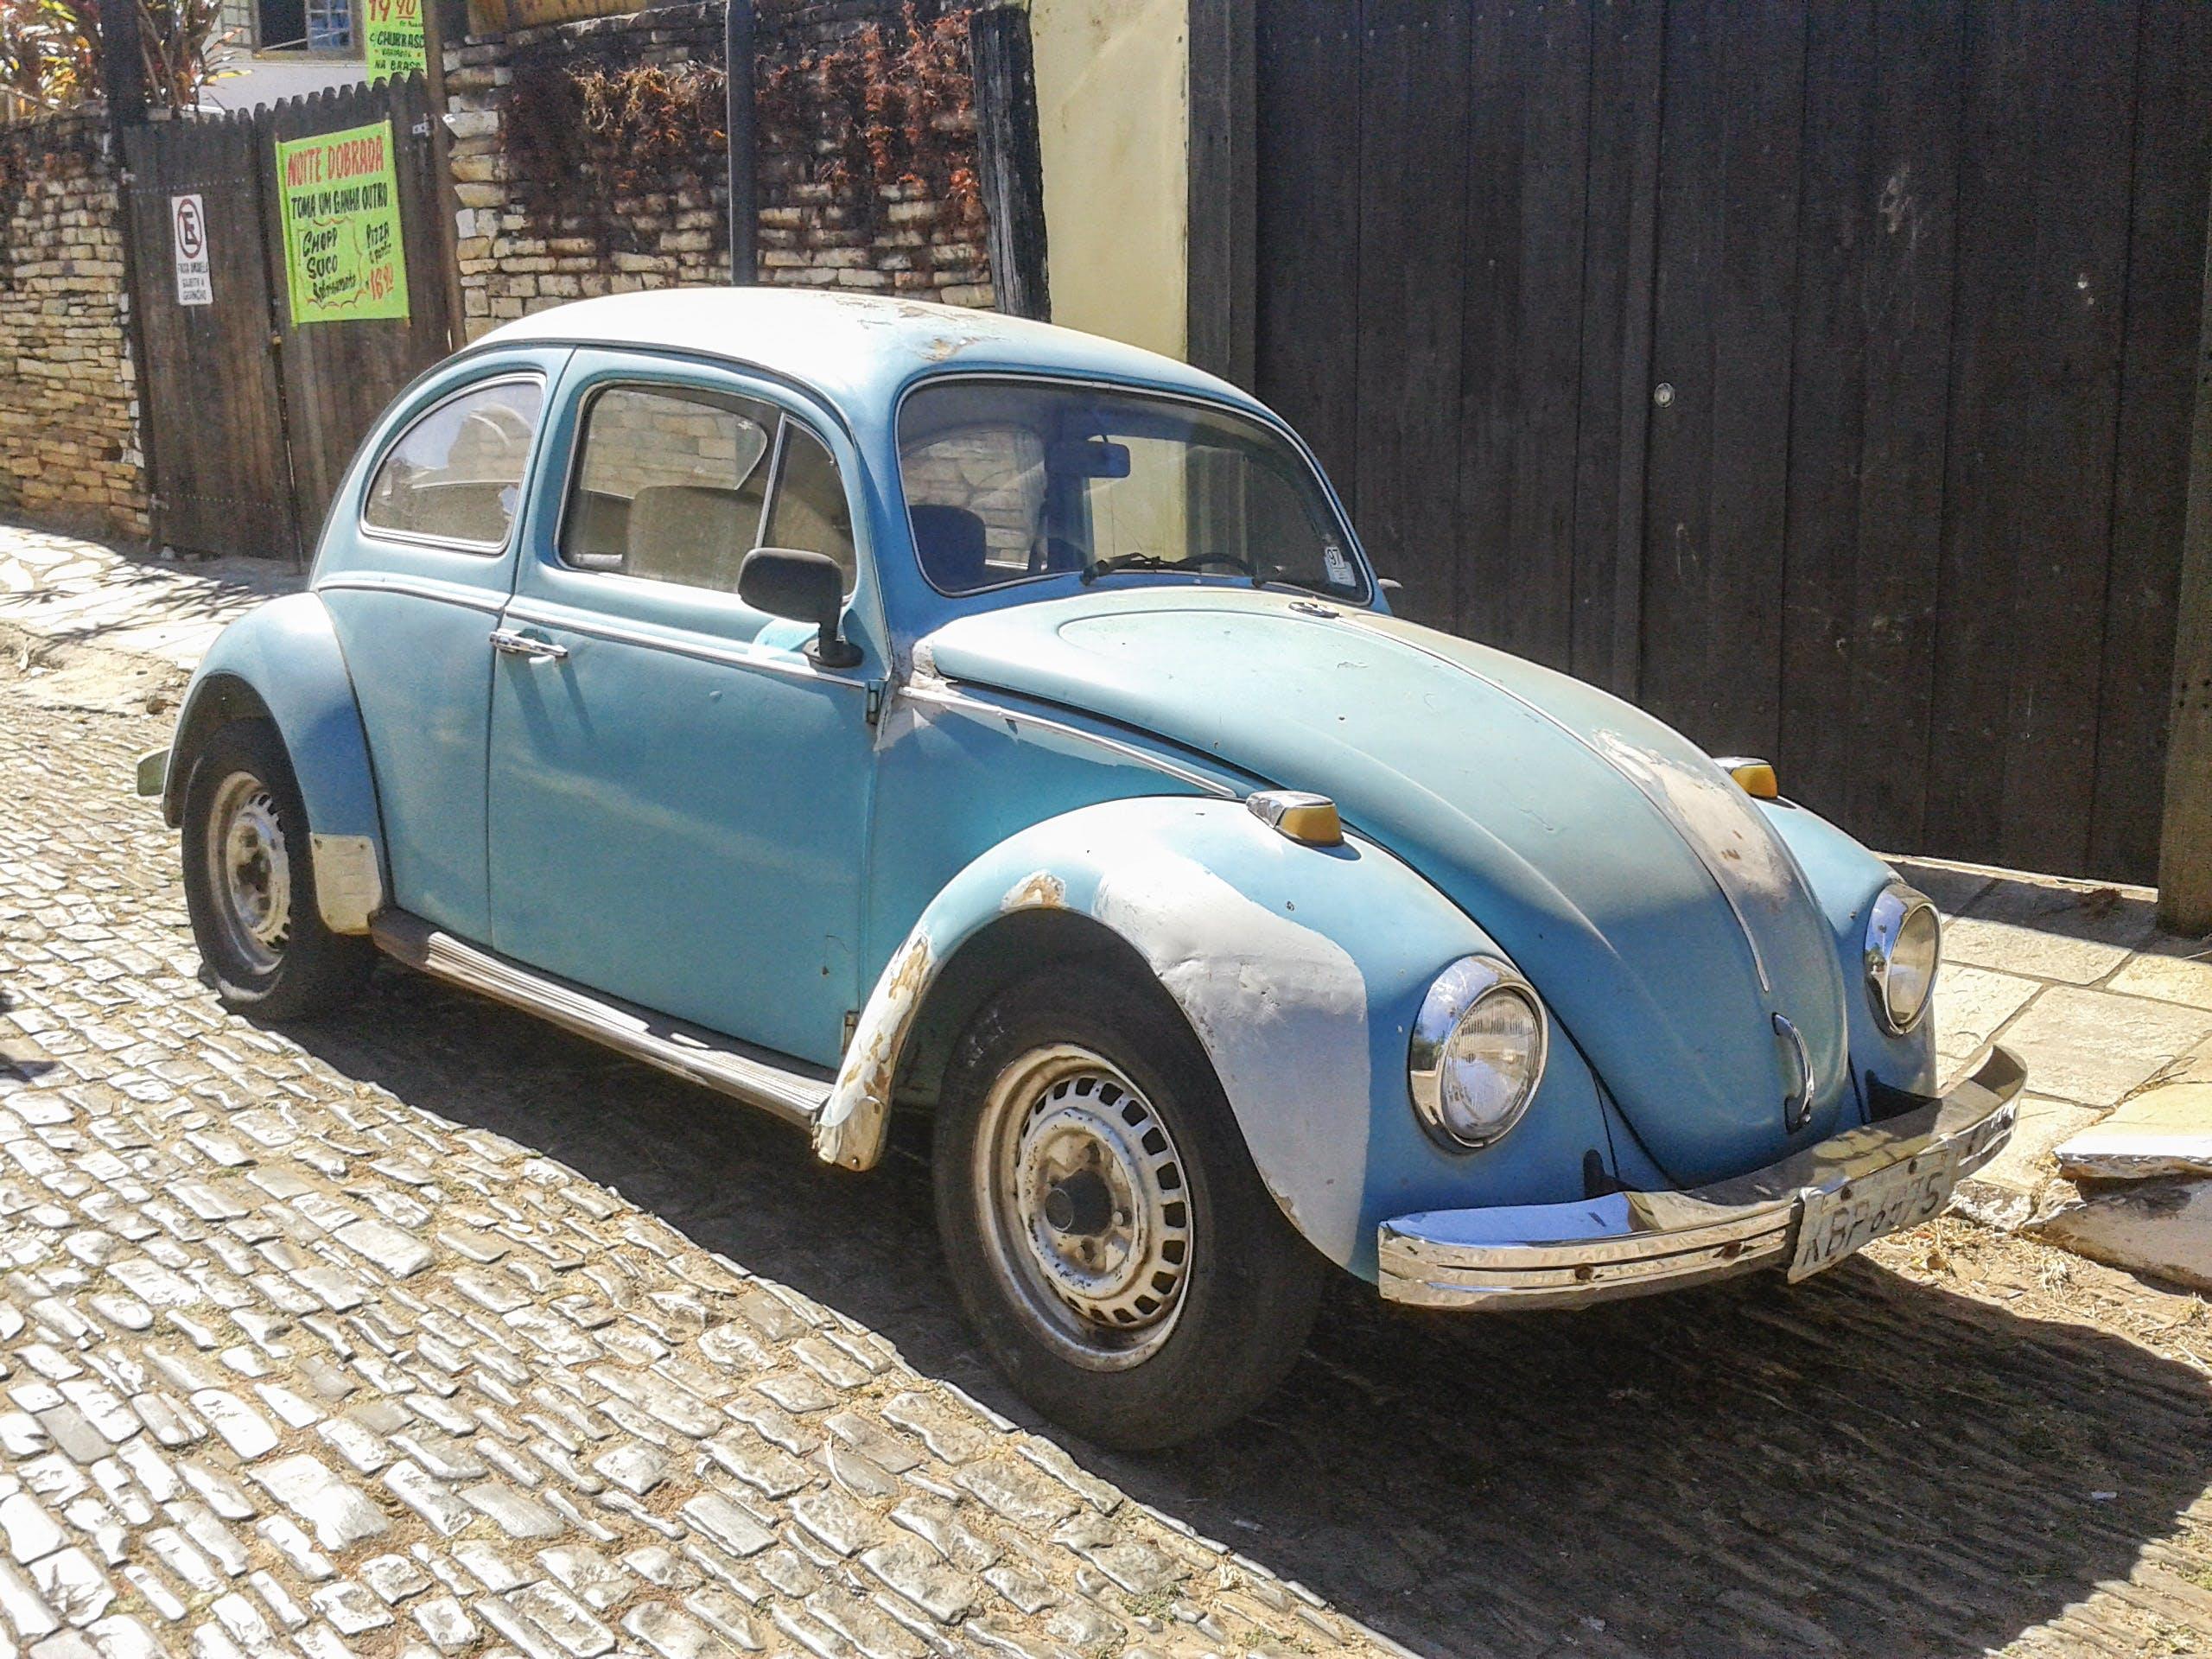 Free stock photo of Volkswagen Beetle